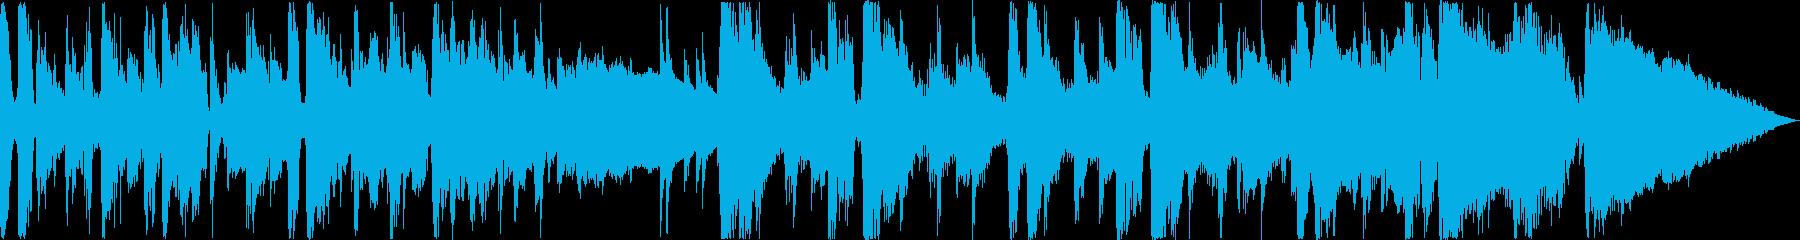 クールでリズミカルなジャズファンクの再生済みの波形